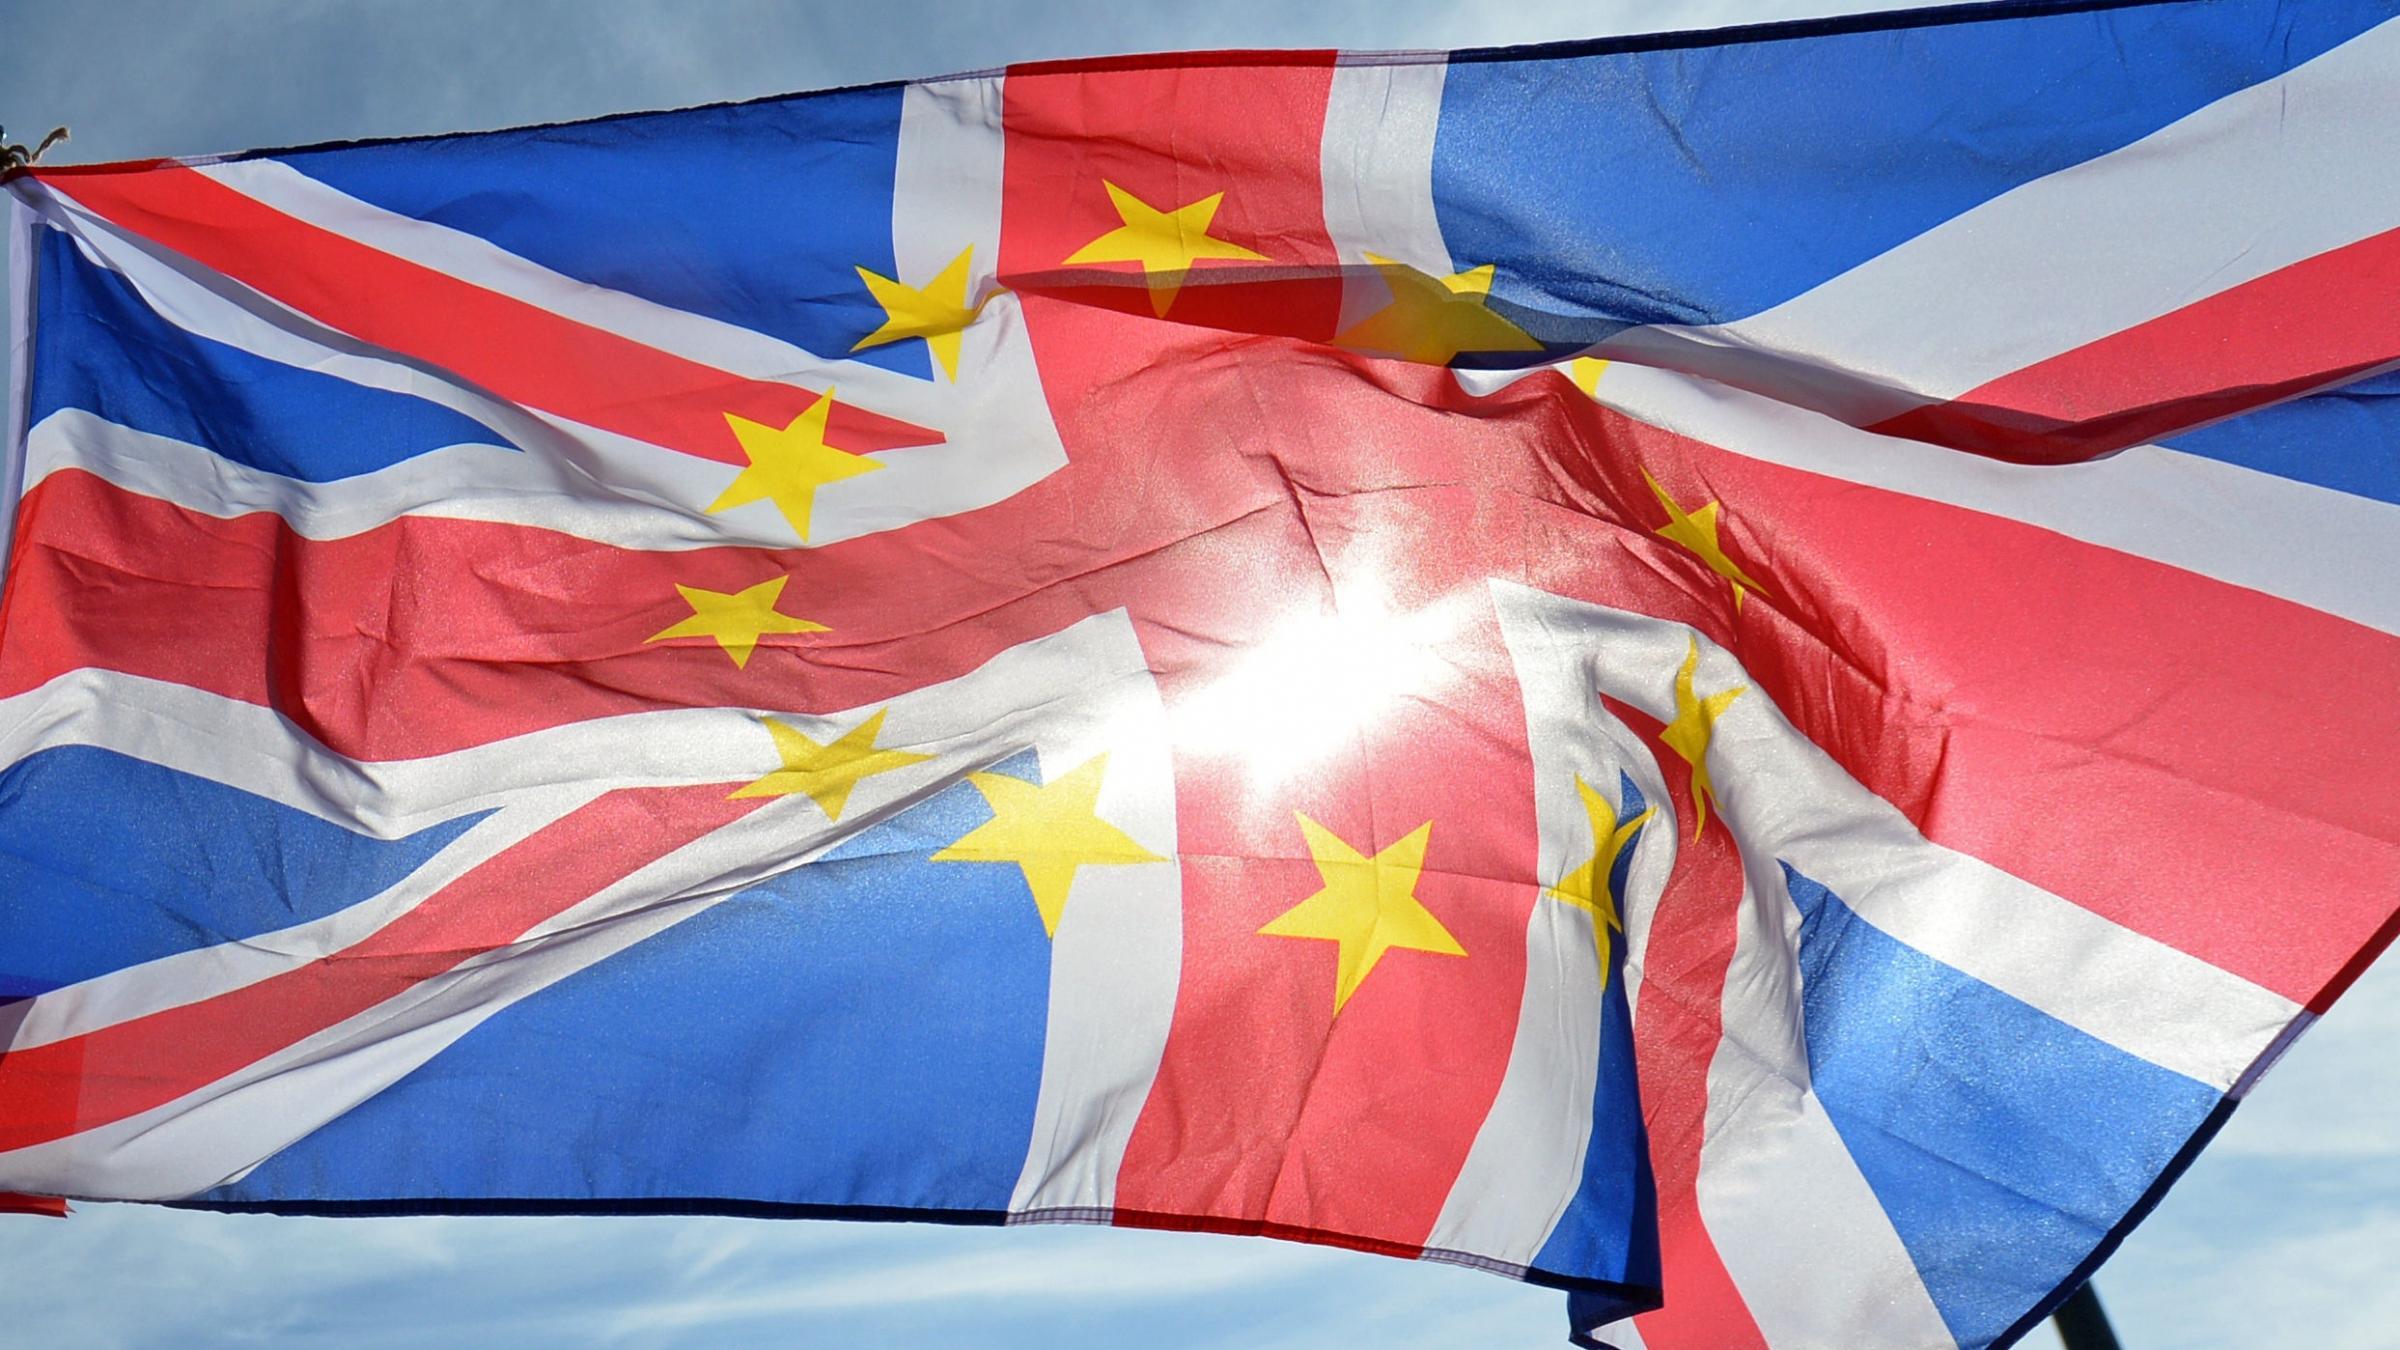 Talks begin over British divorce from European Union